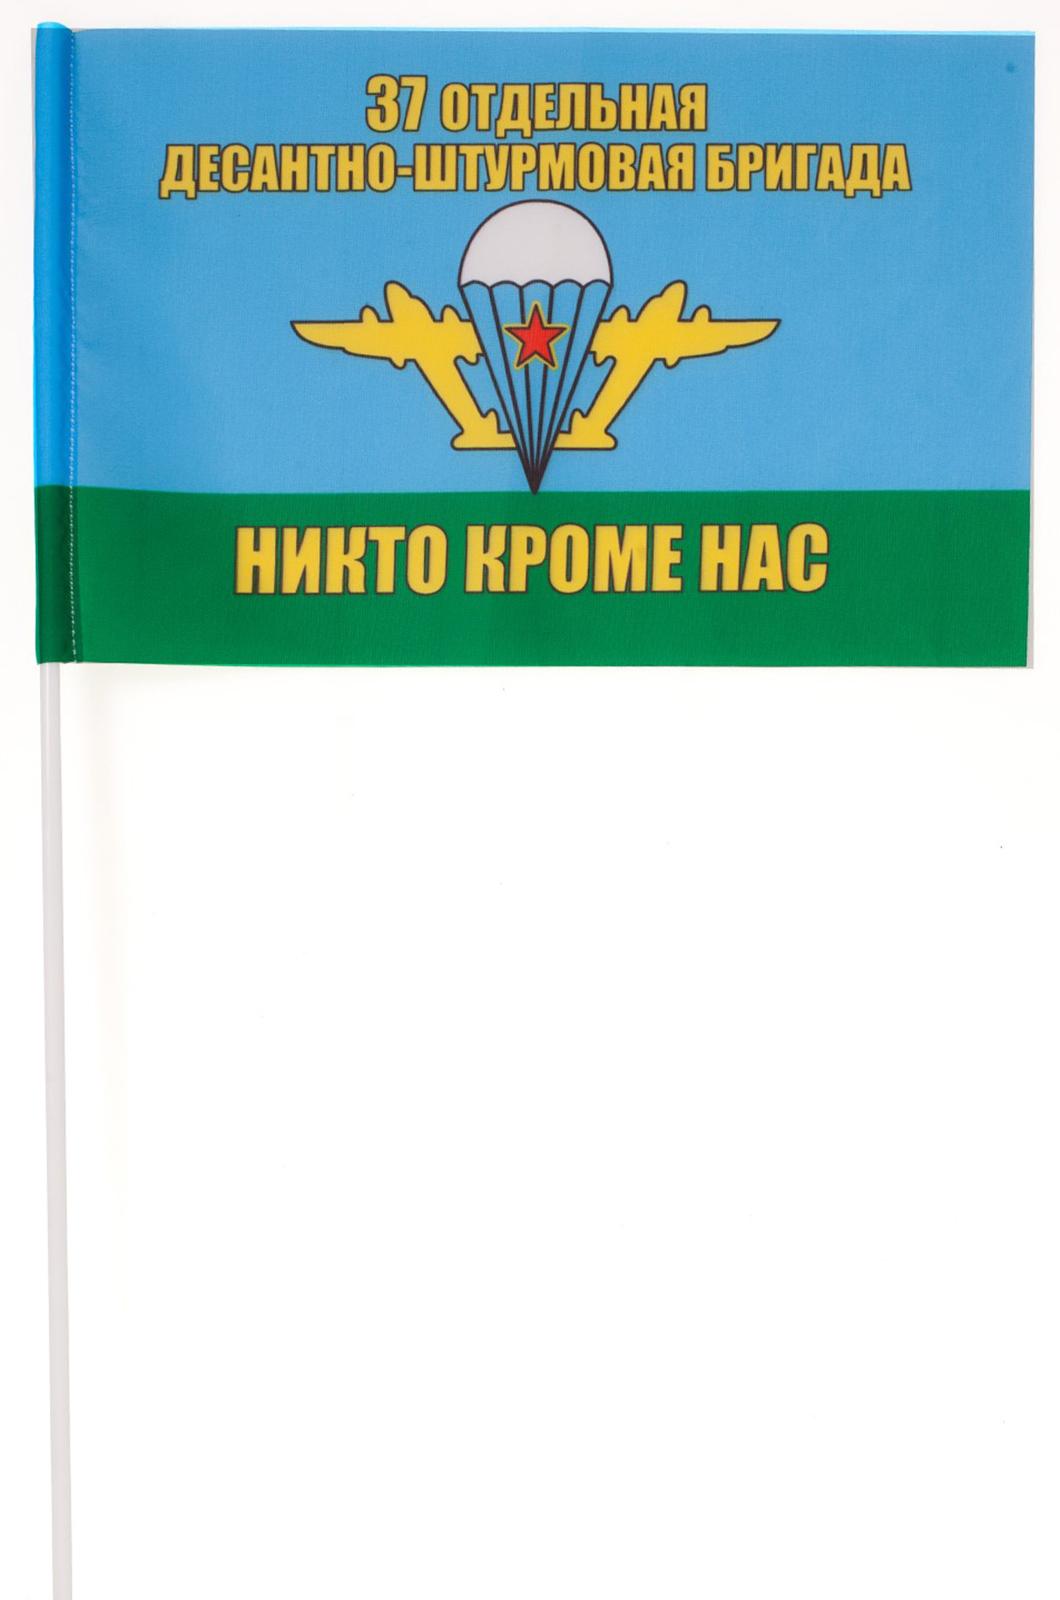 Флаг «37 Отдельная десантно-штурмовая бригада ВДВ»